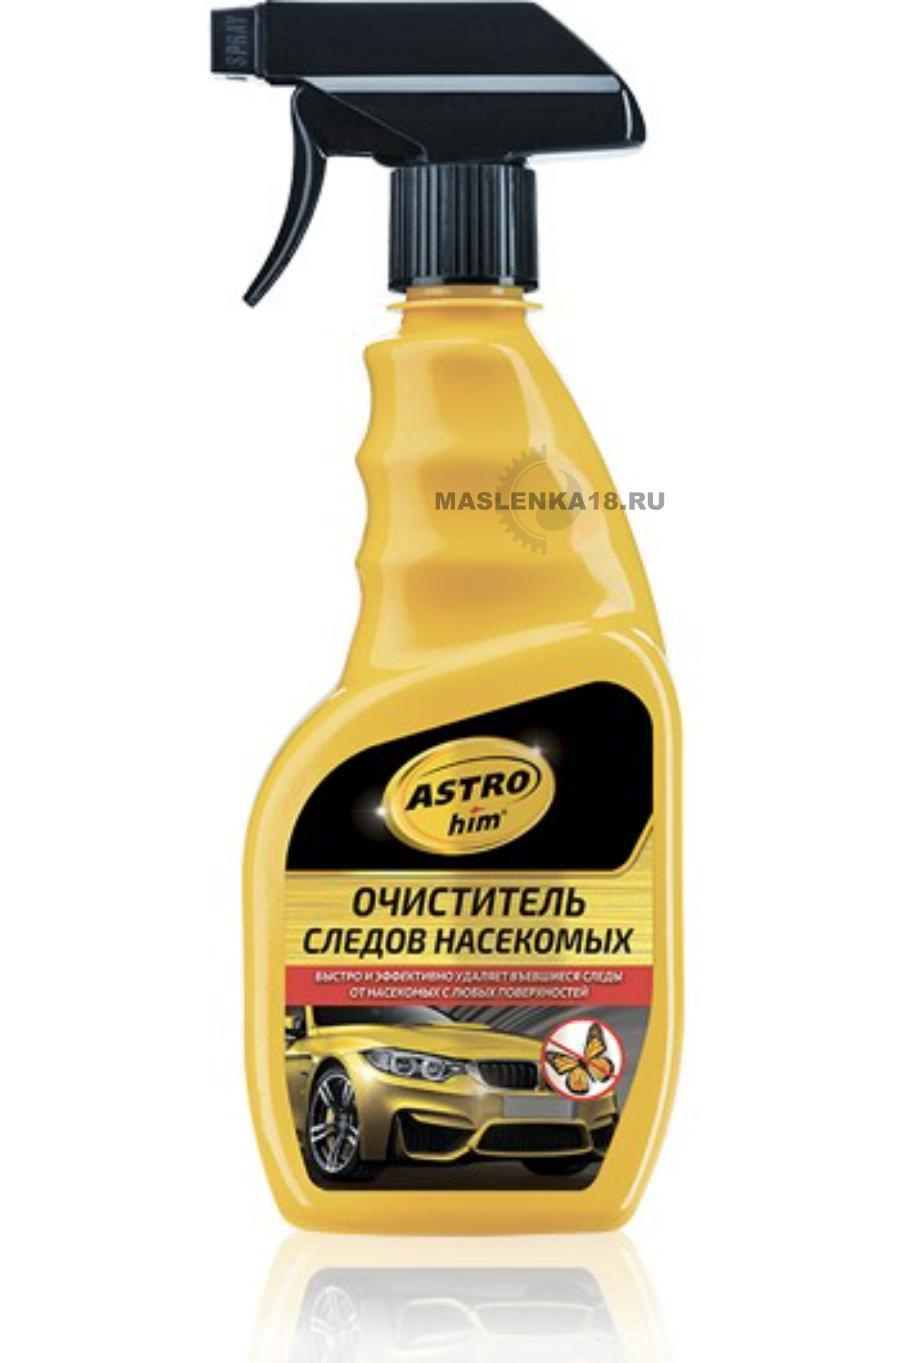 Очиститель кузова от следов насекомых Астрохим АС-415 (500 мл)